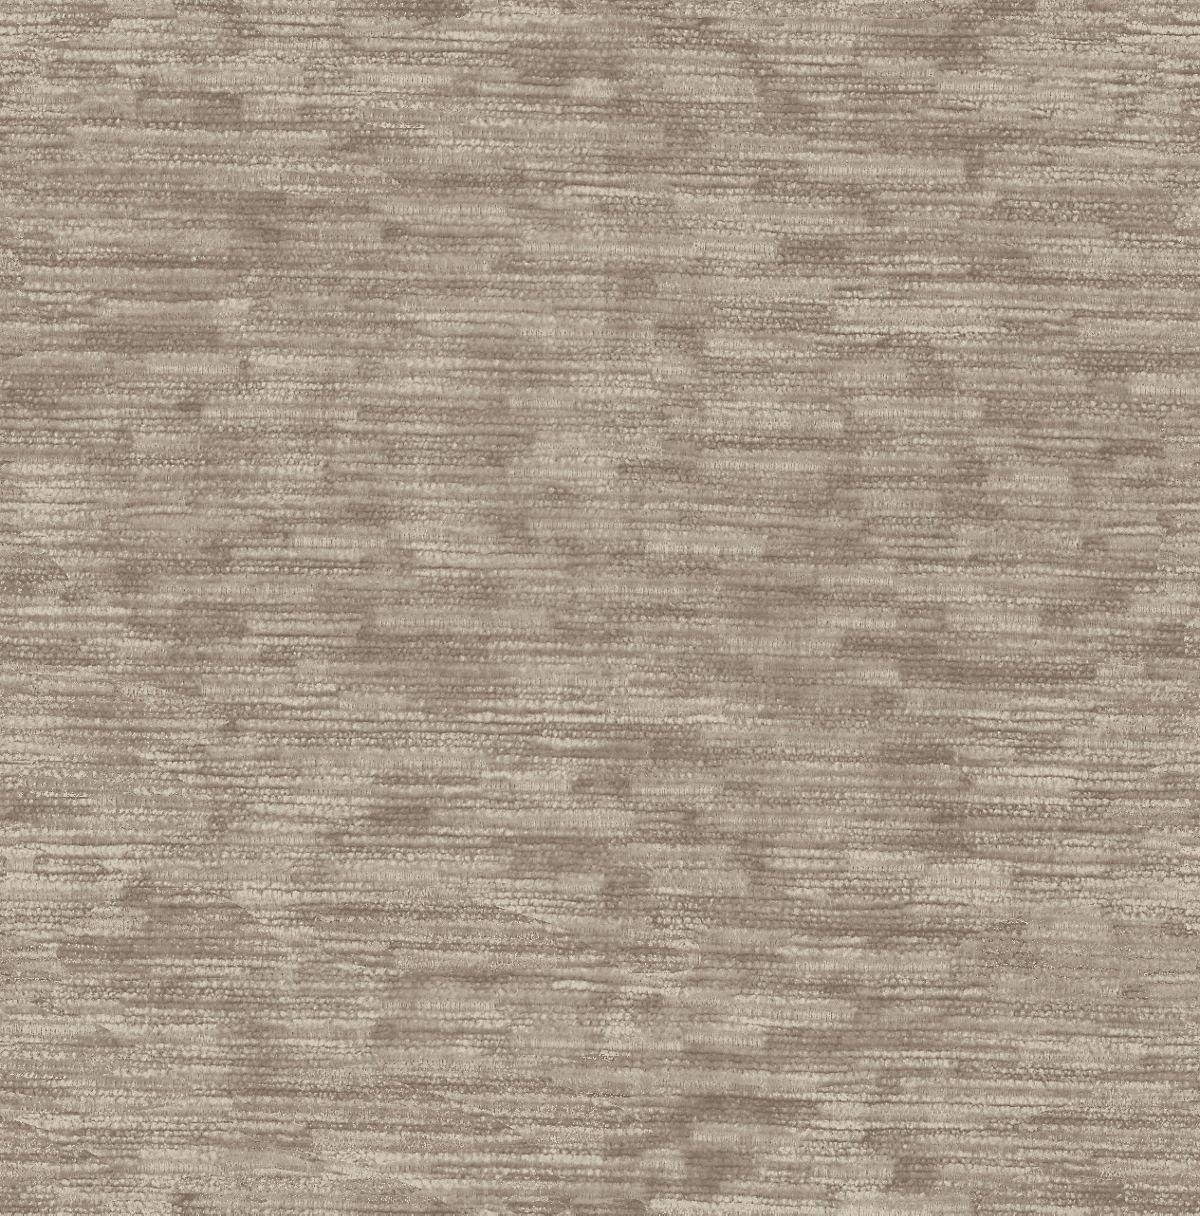 Bark Velvet Stone Fabric